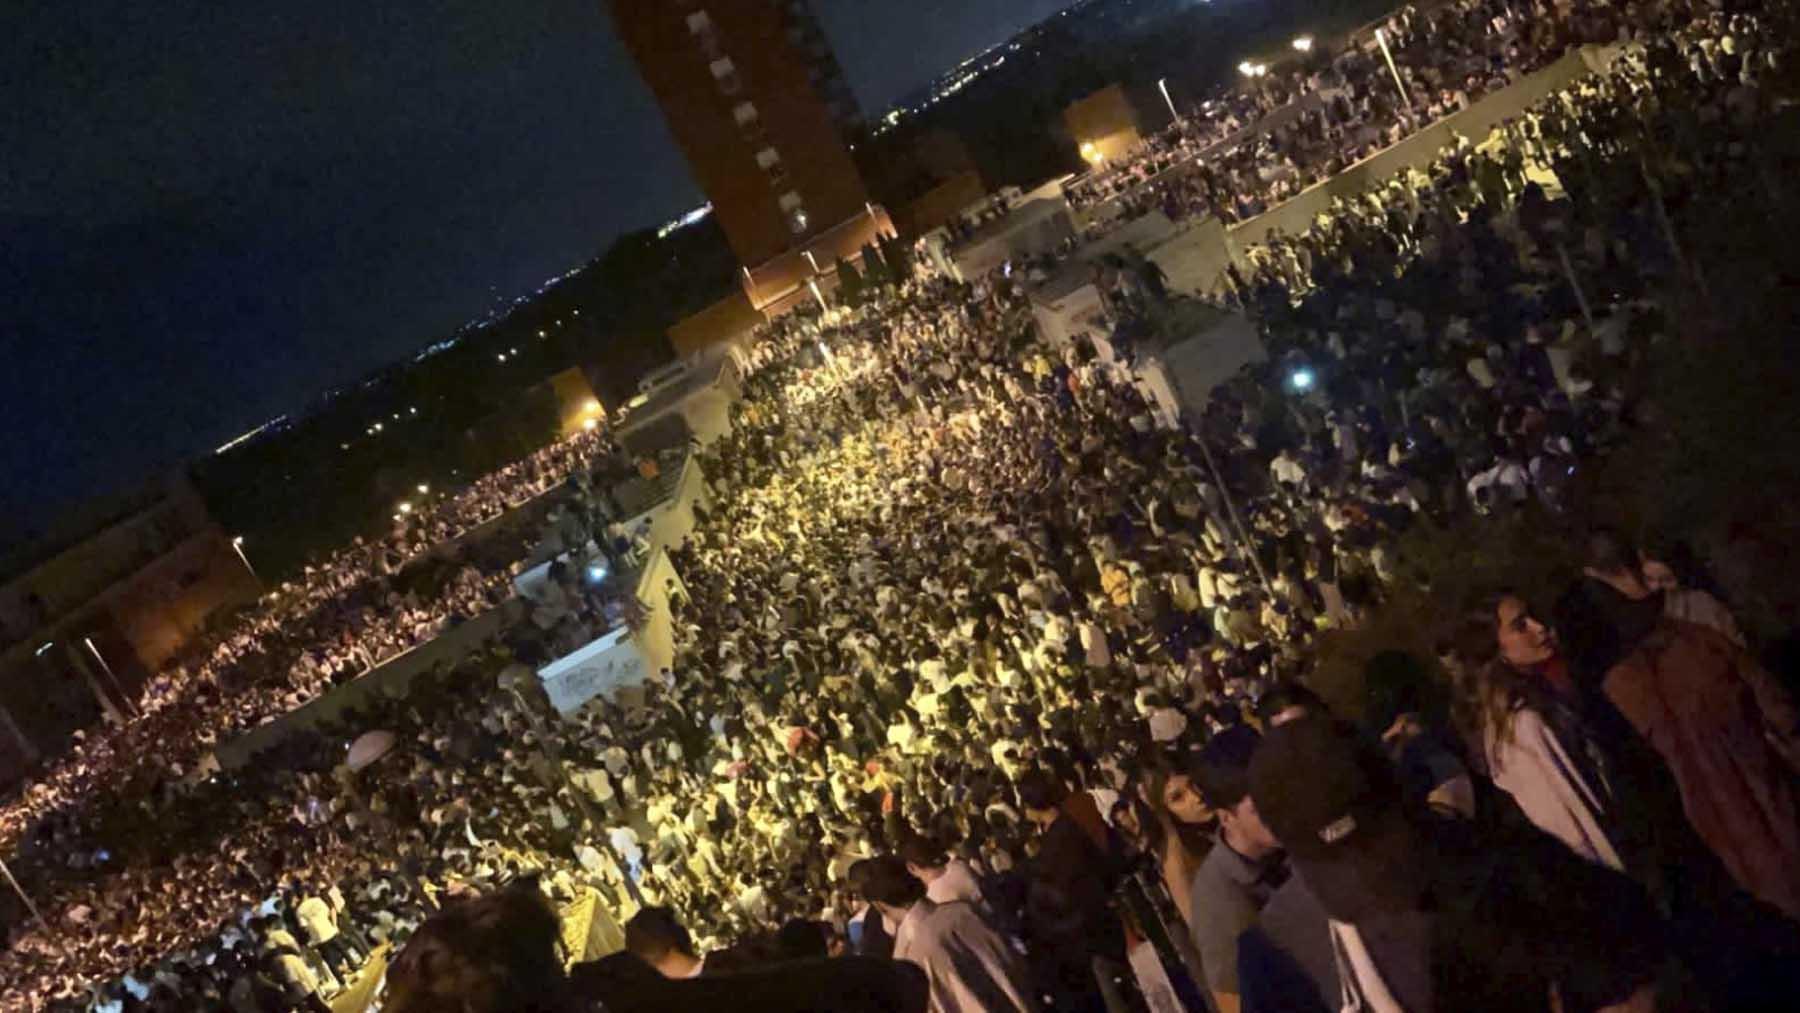 Miles de jóvenes de botellón en la Ciudad Universitaria.